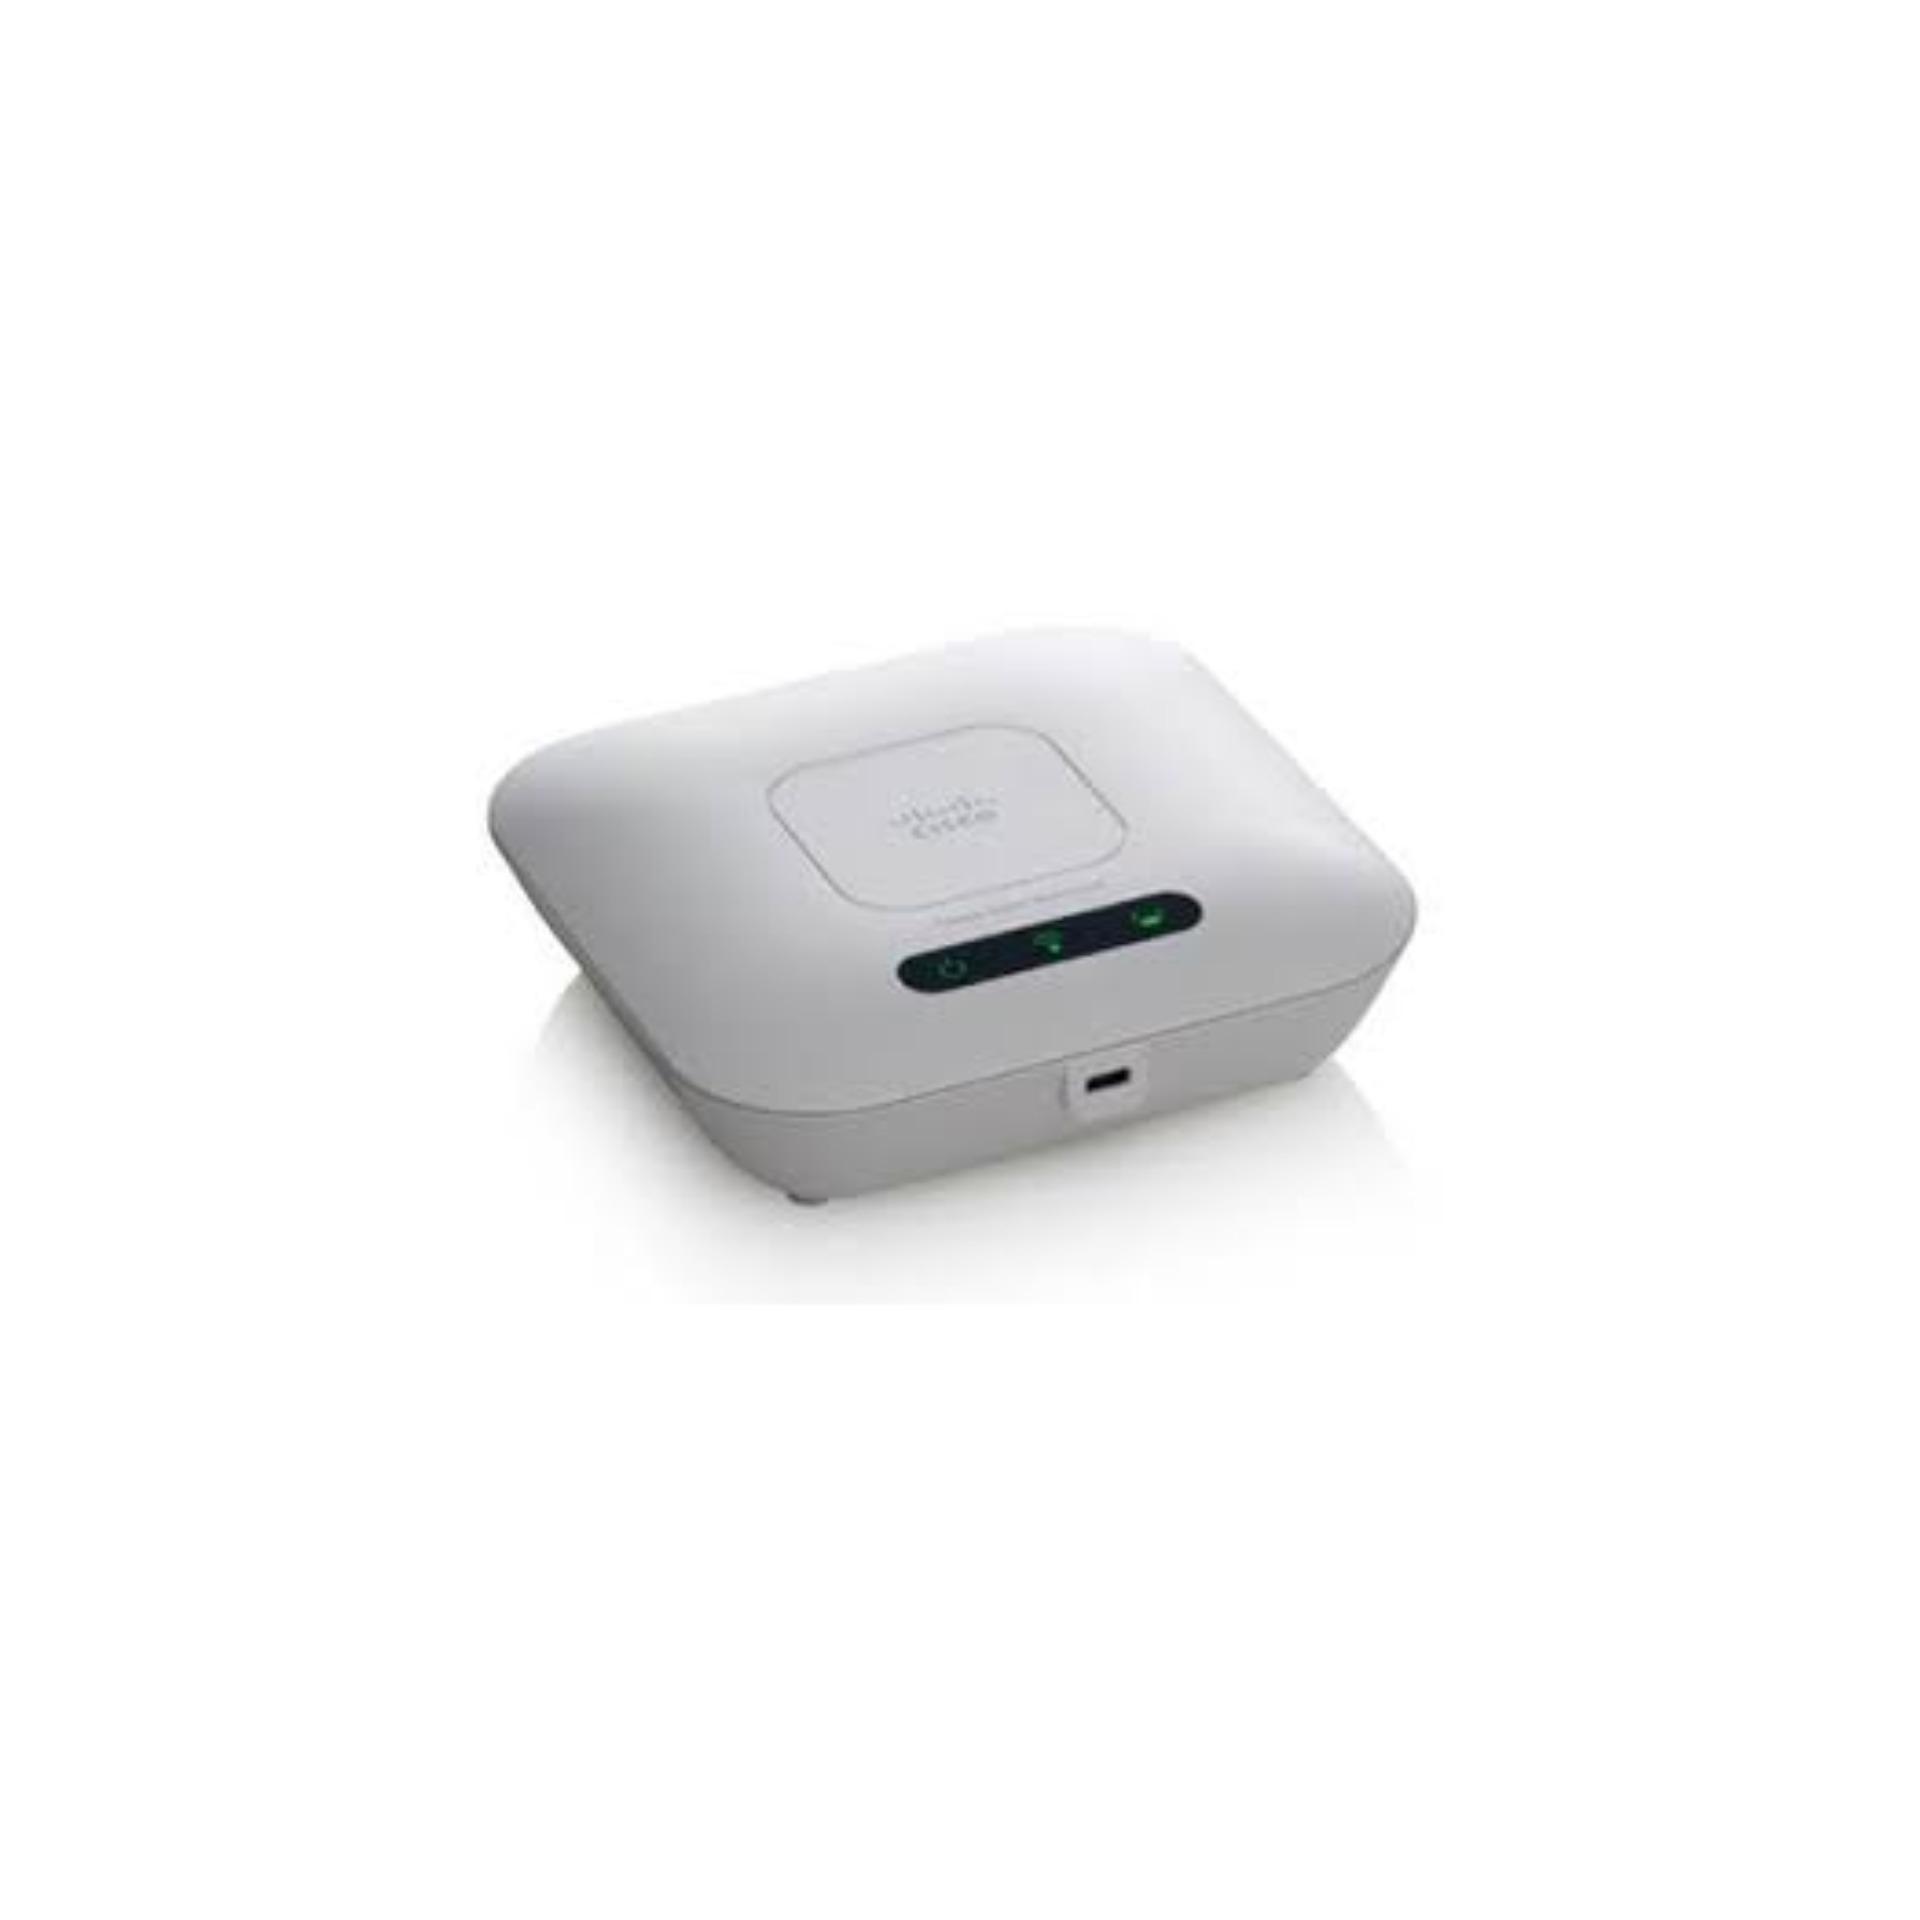 Thiết Bị Mạng Cisco Wap121-E-K9 N300 Access Point